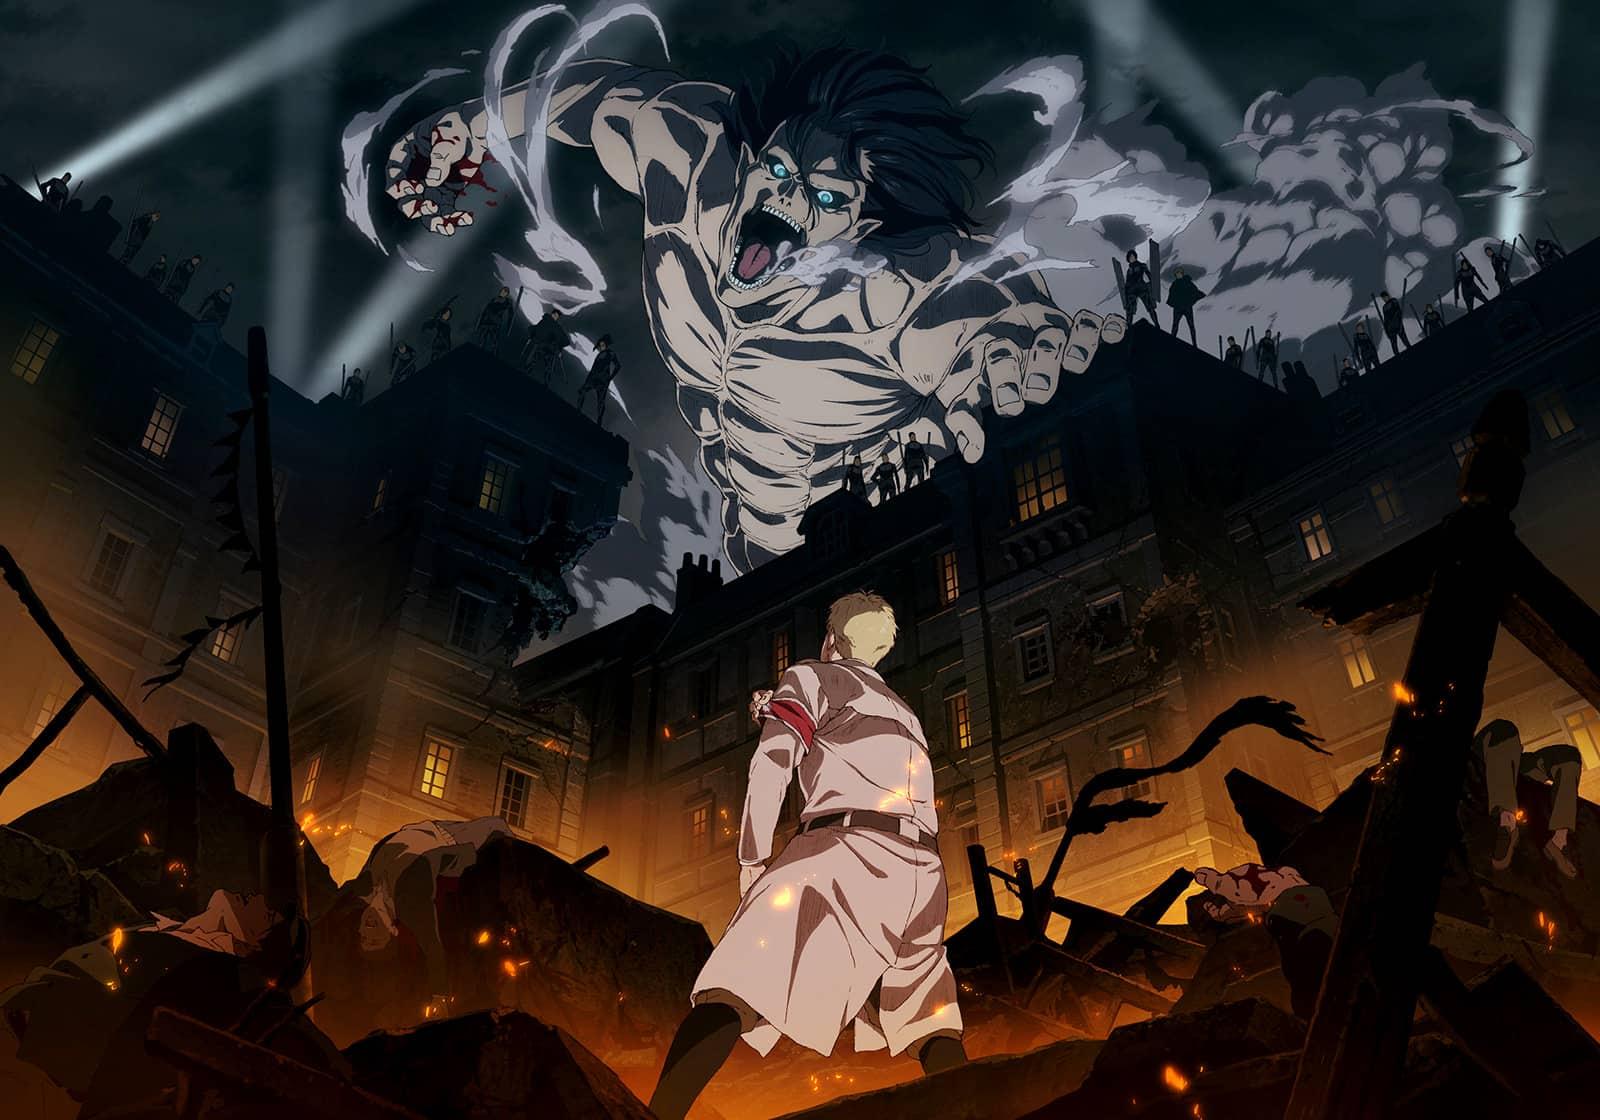 Le trailer de Shingeki No Kyojin Saison 4 : Avis et décomposition - DOOL